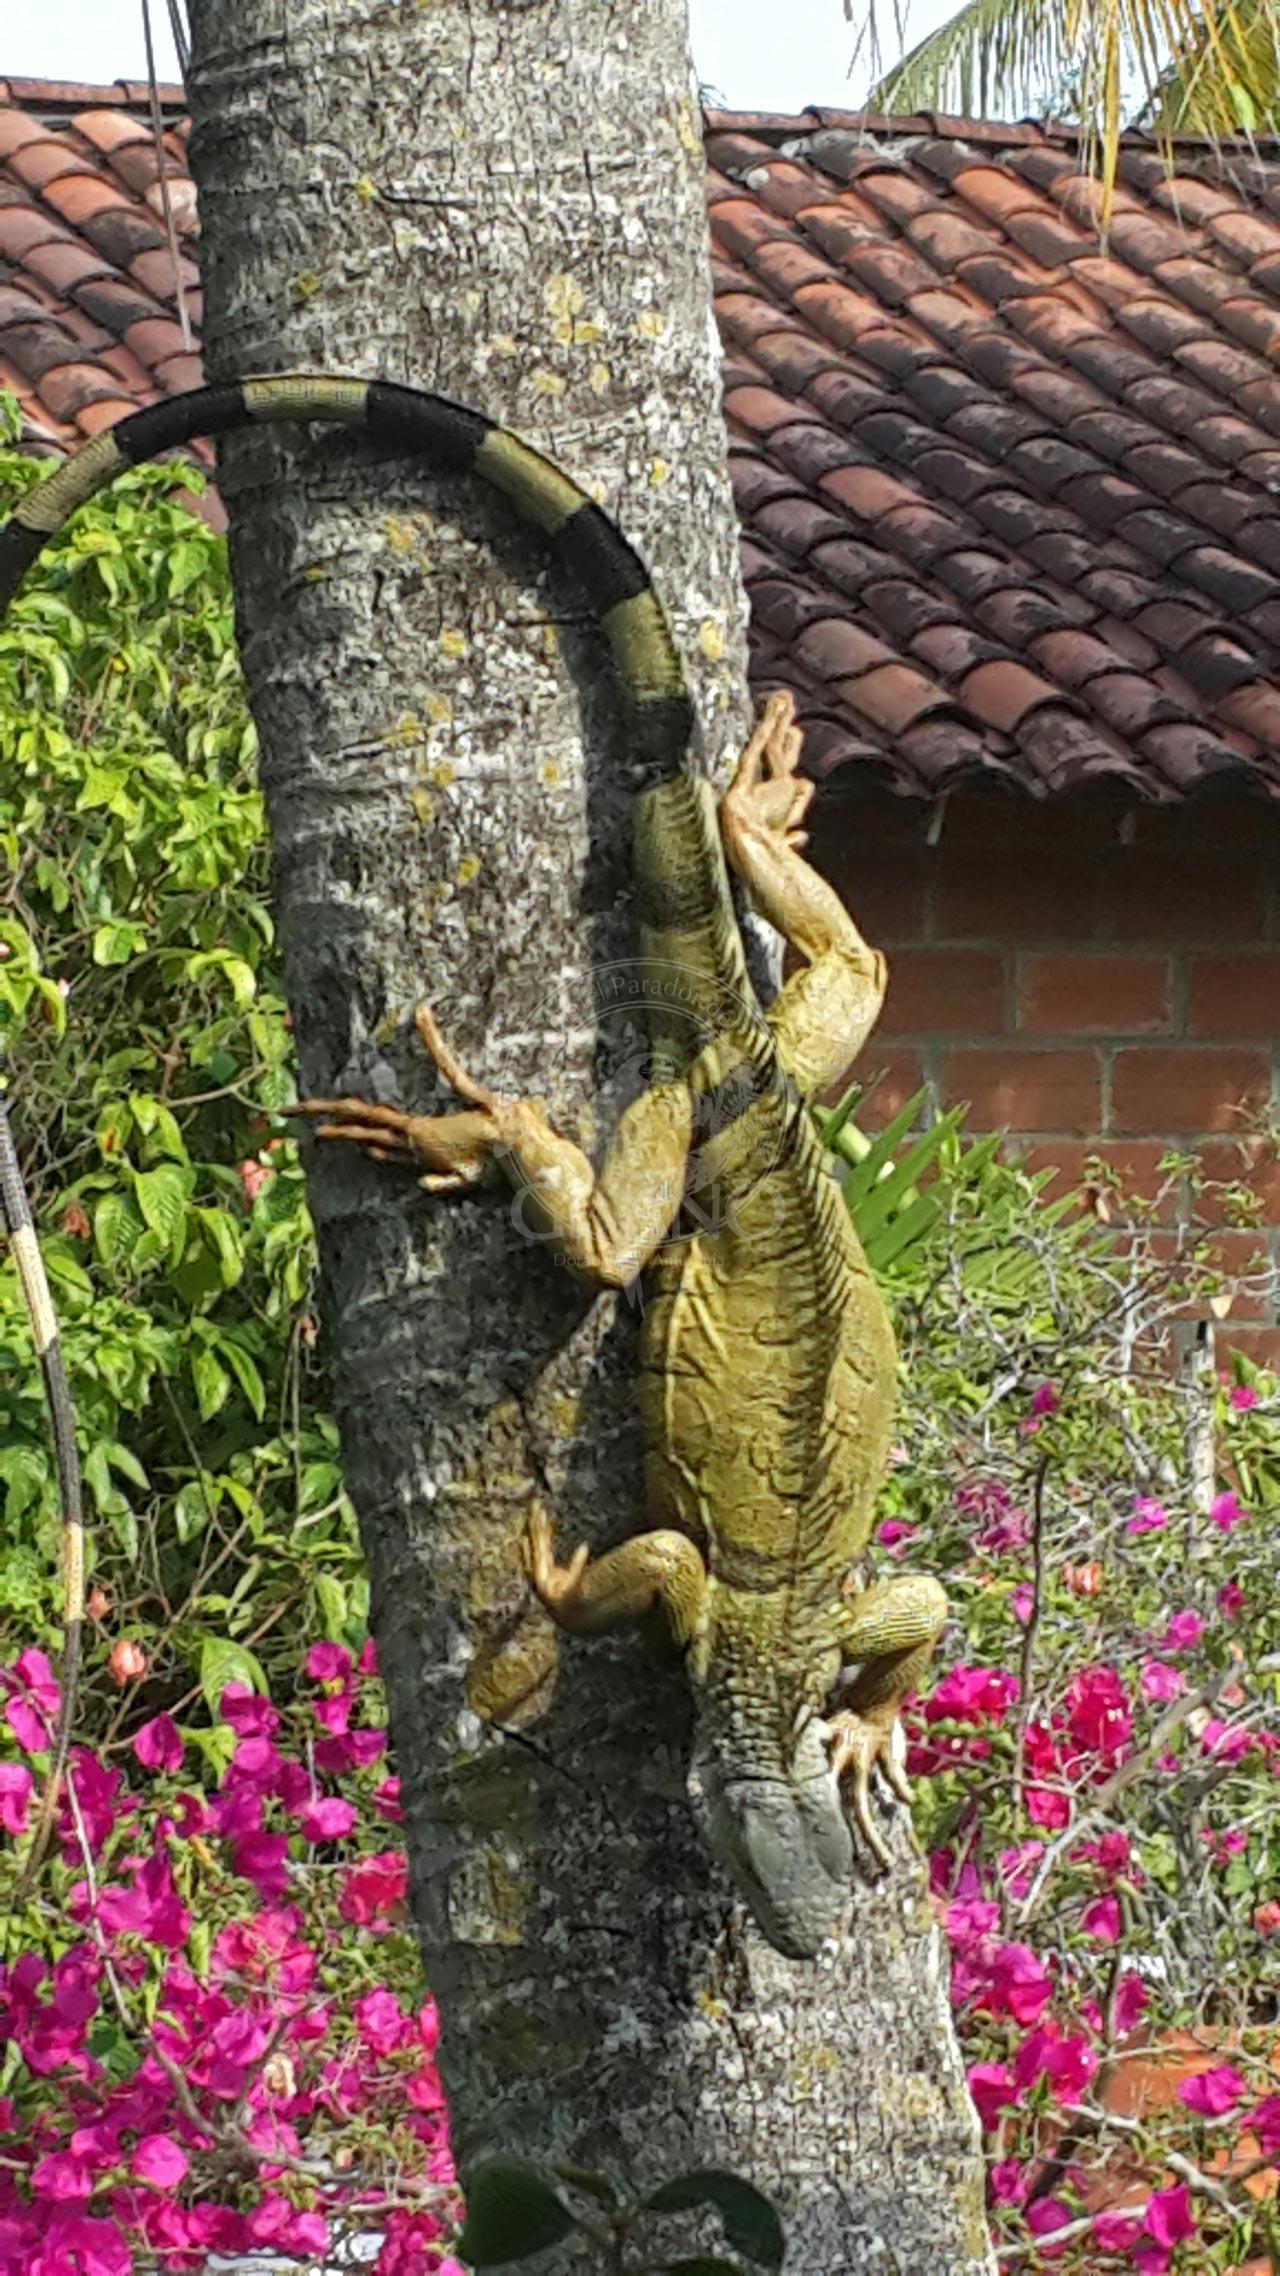 Fauna silvestre en su entorno natural - Hotel & Restaurante Parador del Gitano - Nápoles - Doradal - Rio claro